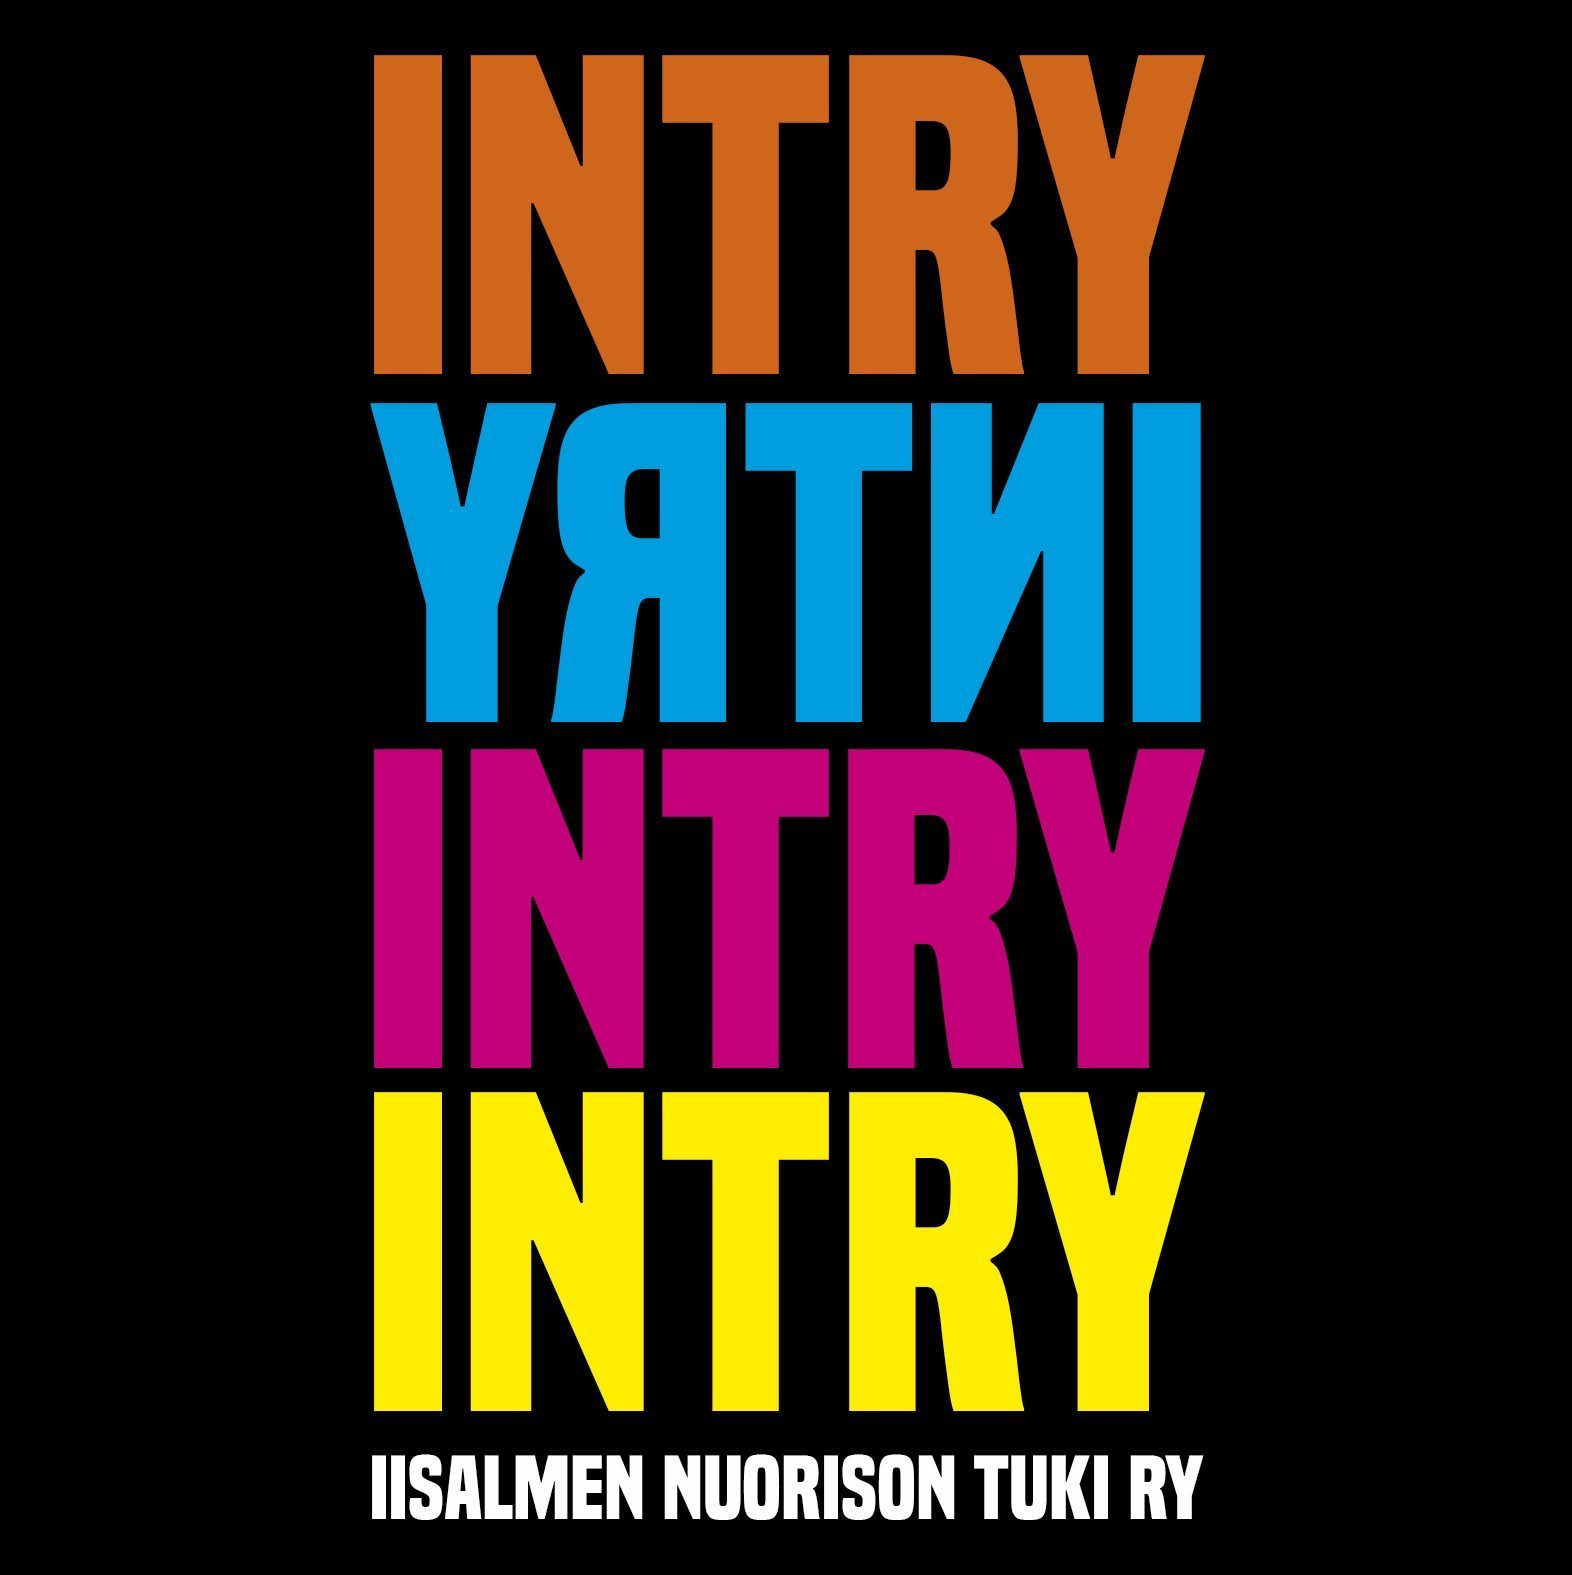 INTRY